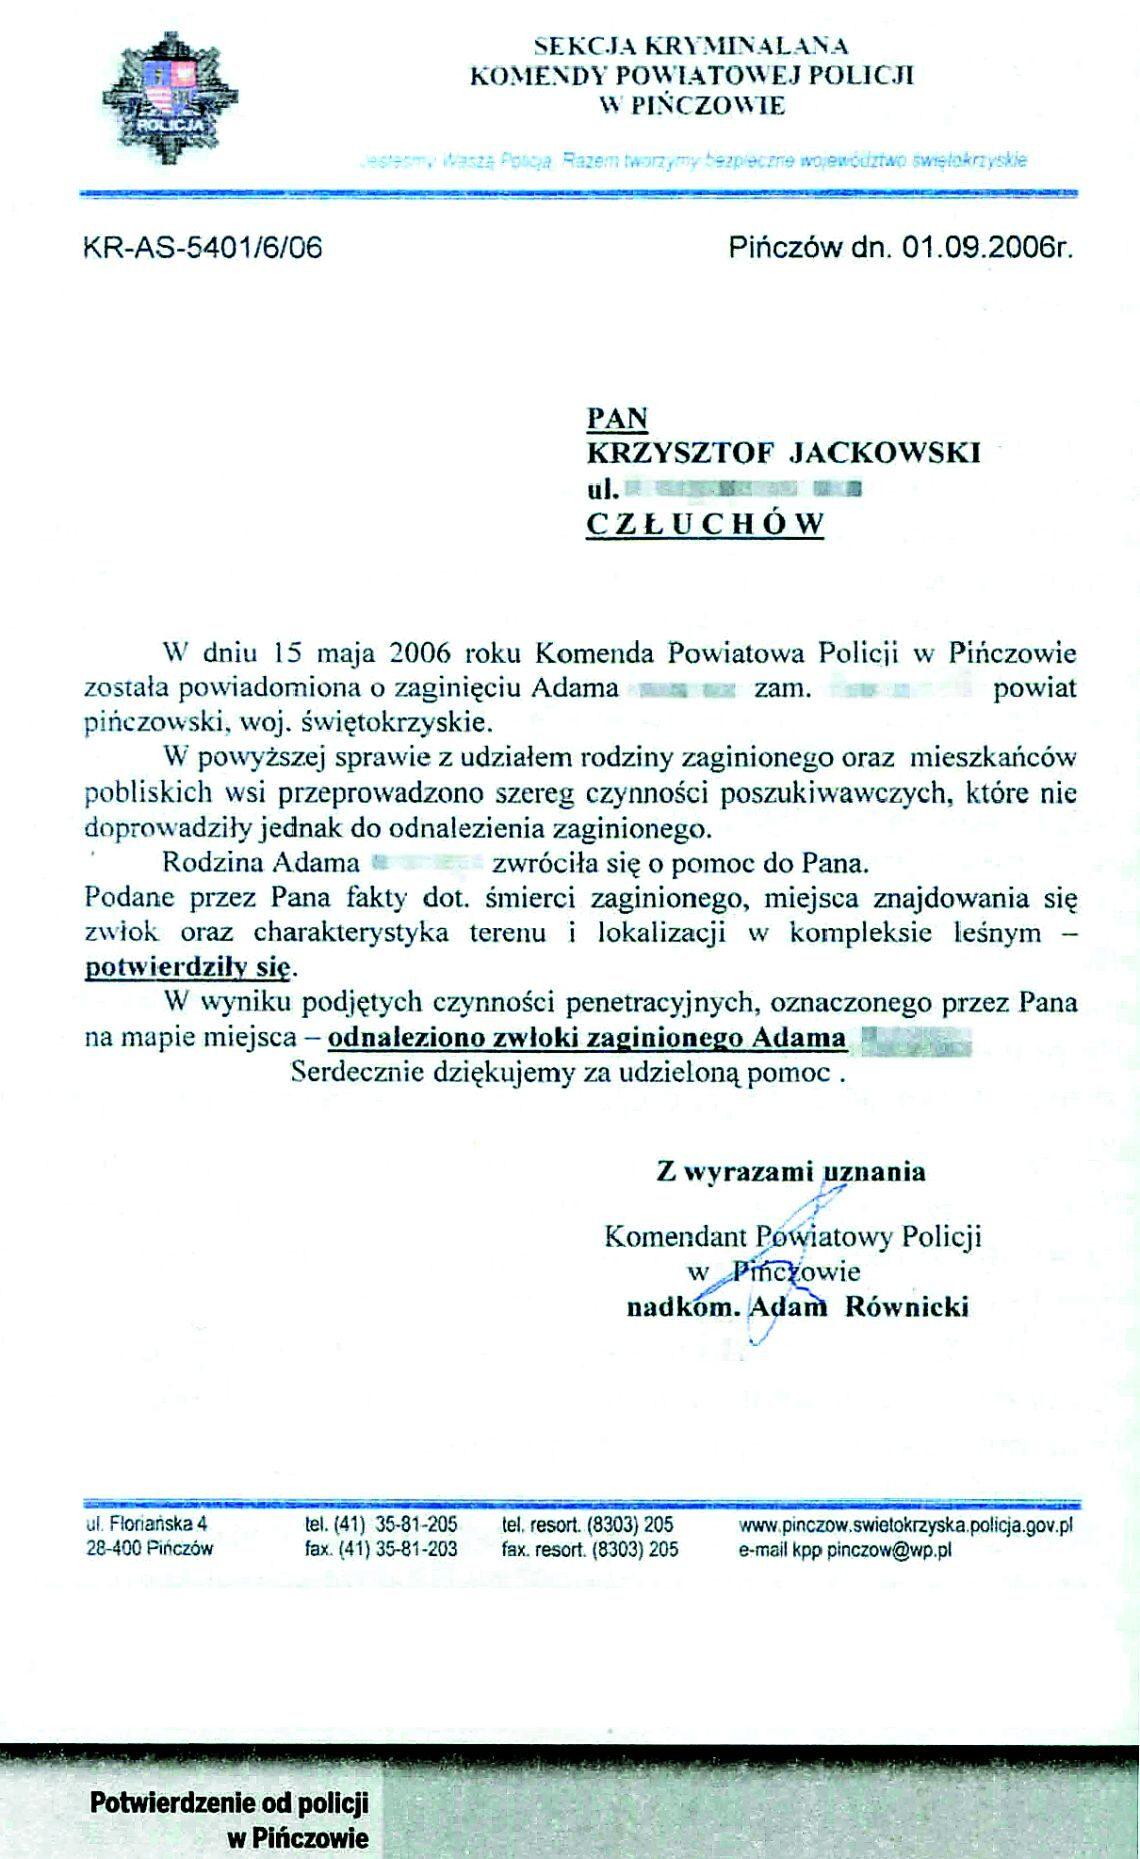 Kompromitujący atak Gazety Wyborczej na jasnowidza Krzysztofa Jackowskiego - NŚ 08/2013